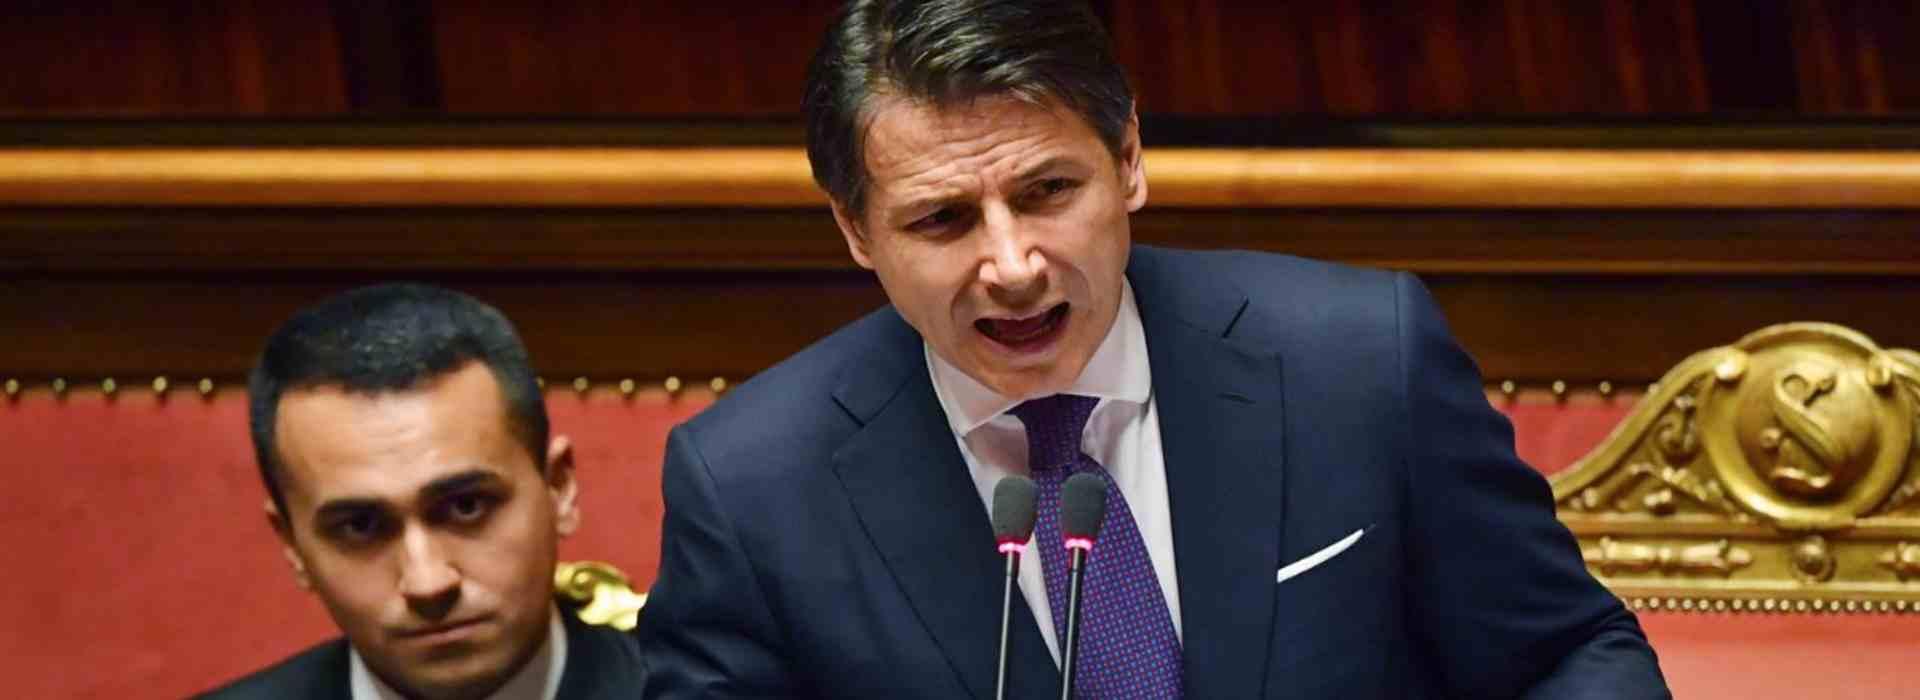 Provvedimenti anti-covid: il governo dice sì. Conte e Di Maio in Parlamento